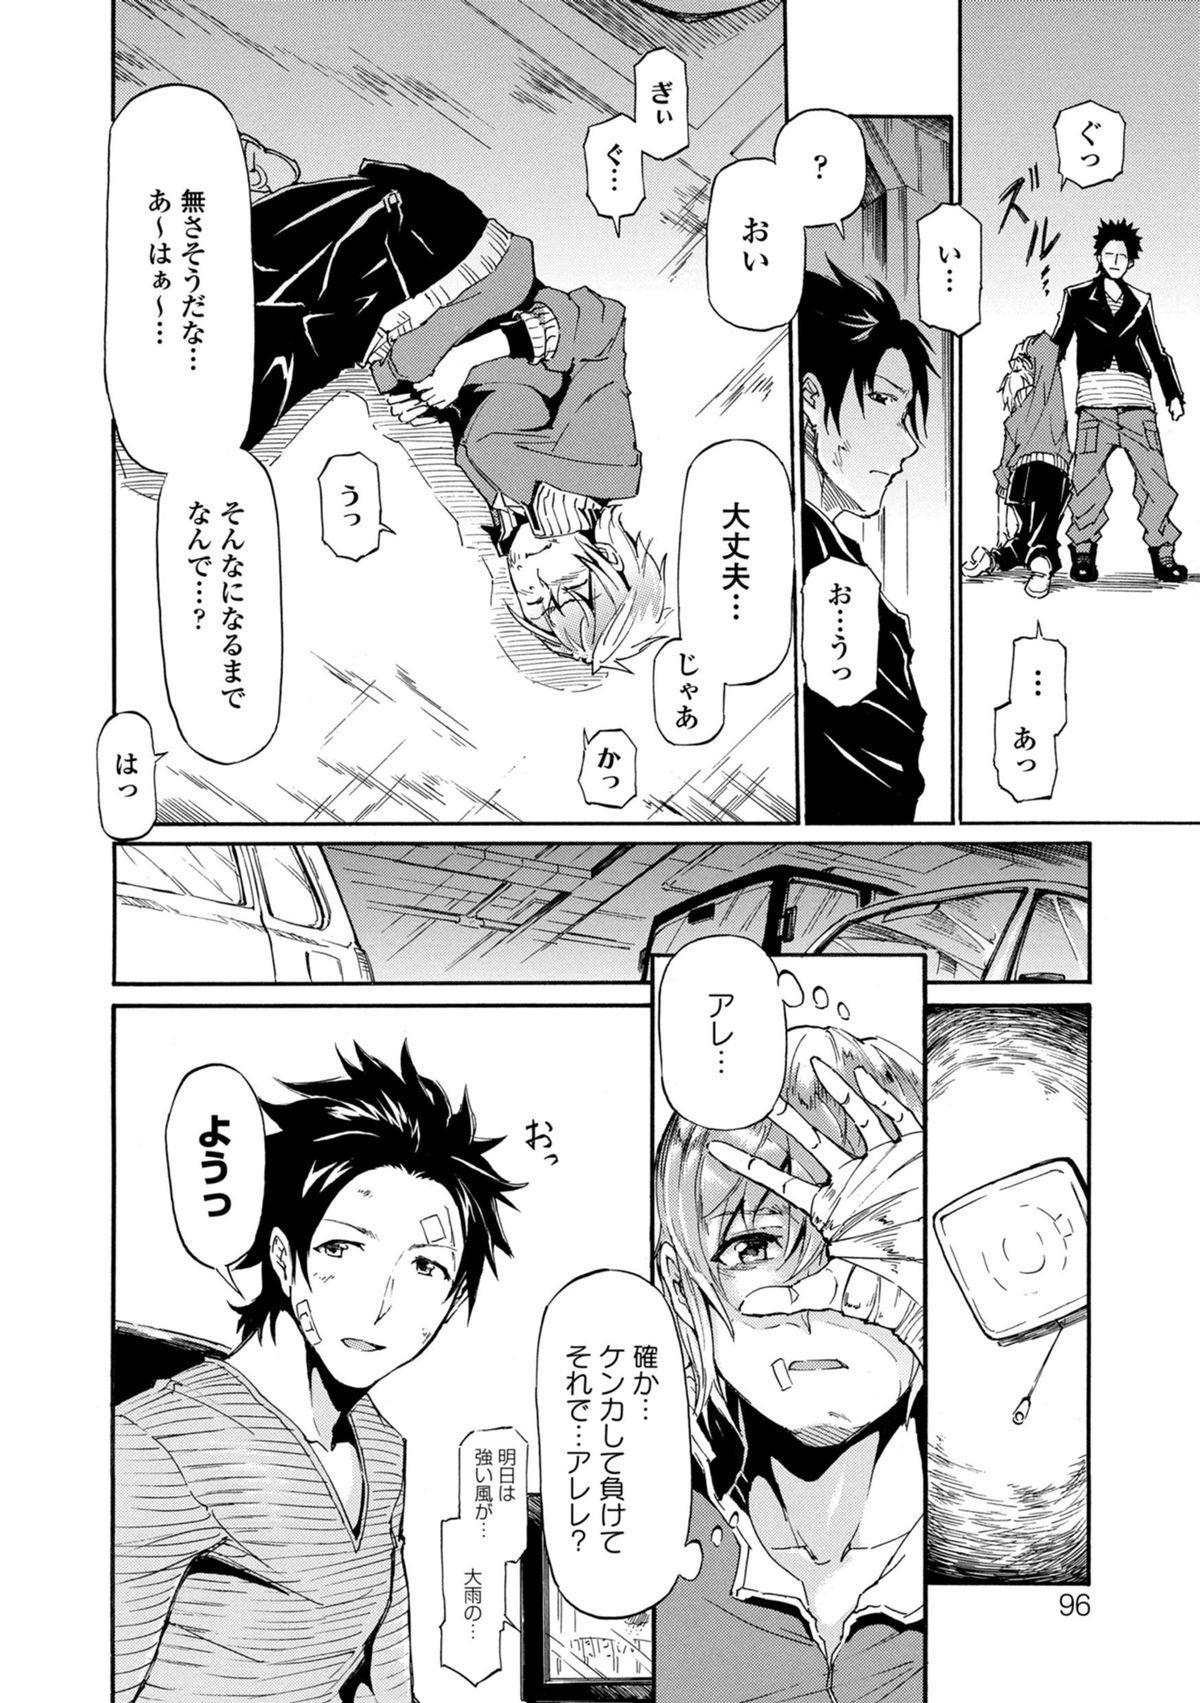 Utsukushisugiru Rival 3